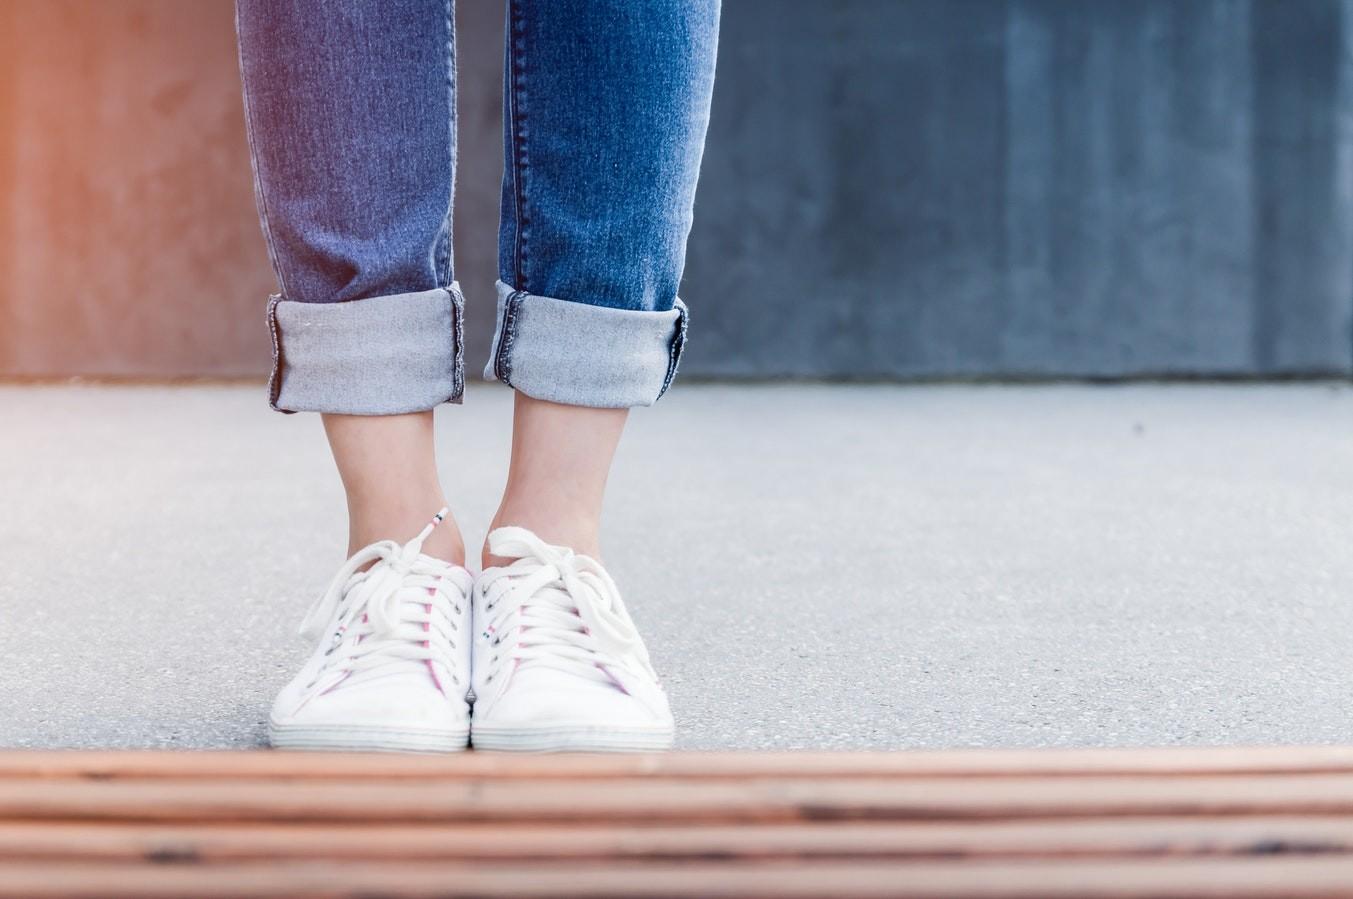 Стоячая и сидячая работа: как избежать болей в ногах